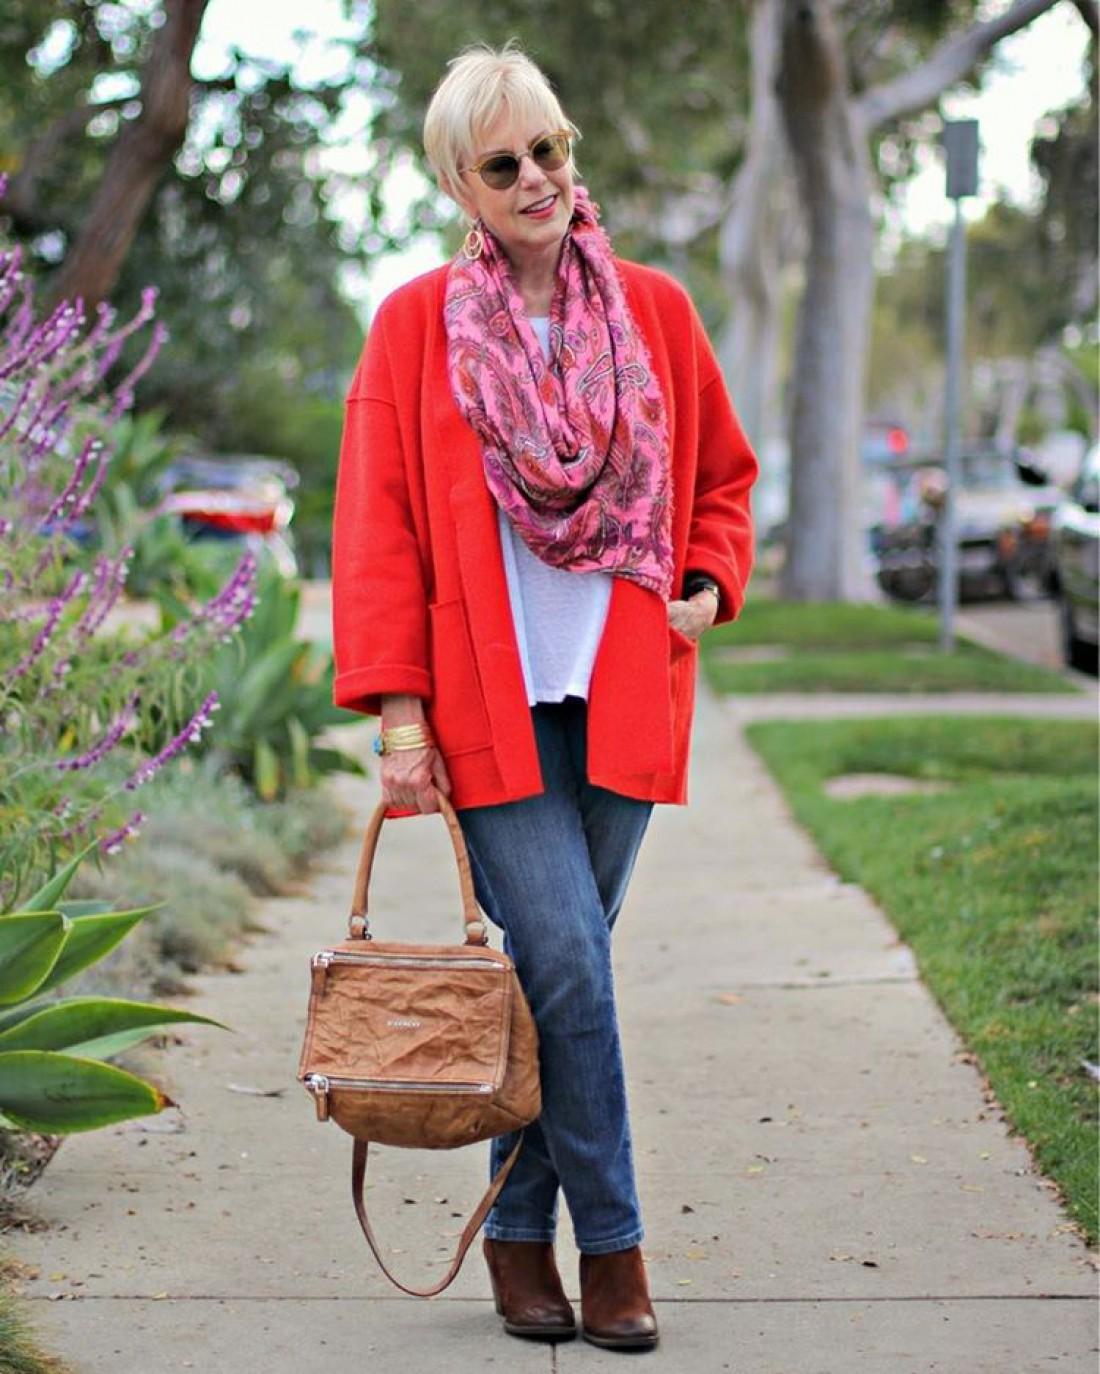 мода весна лето 2019 для женщин за 50: синие джинсы под красную куртку